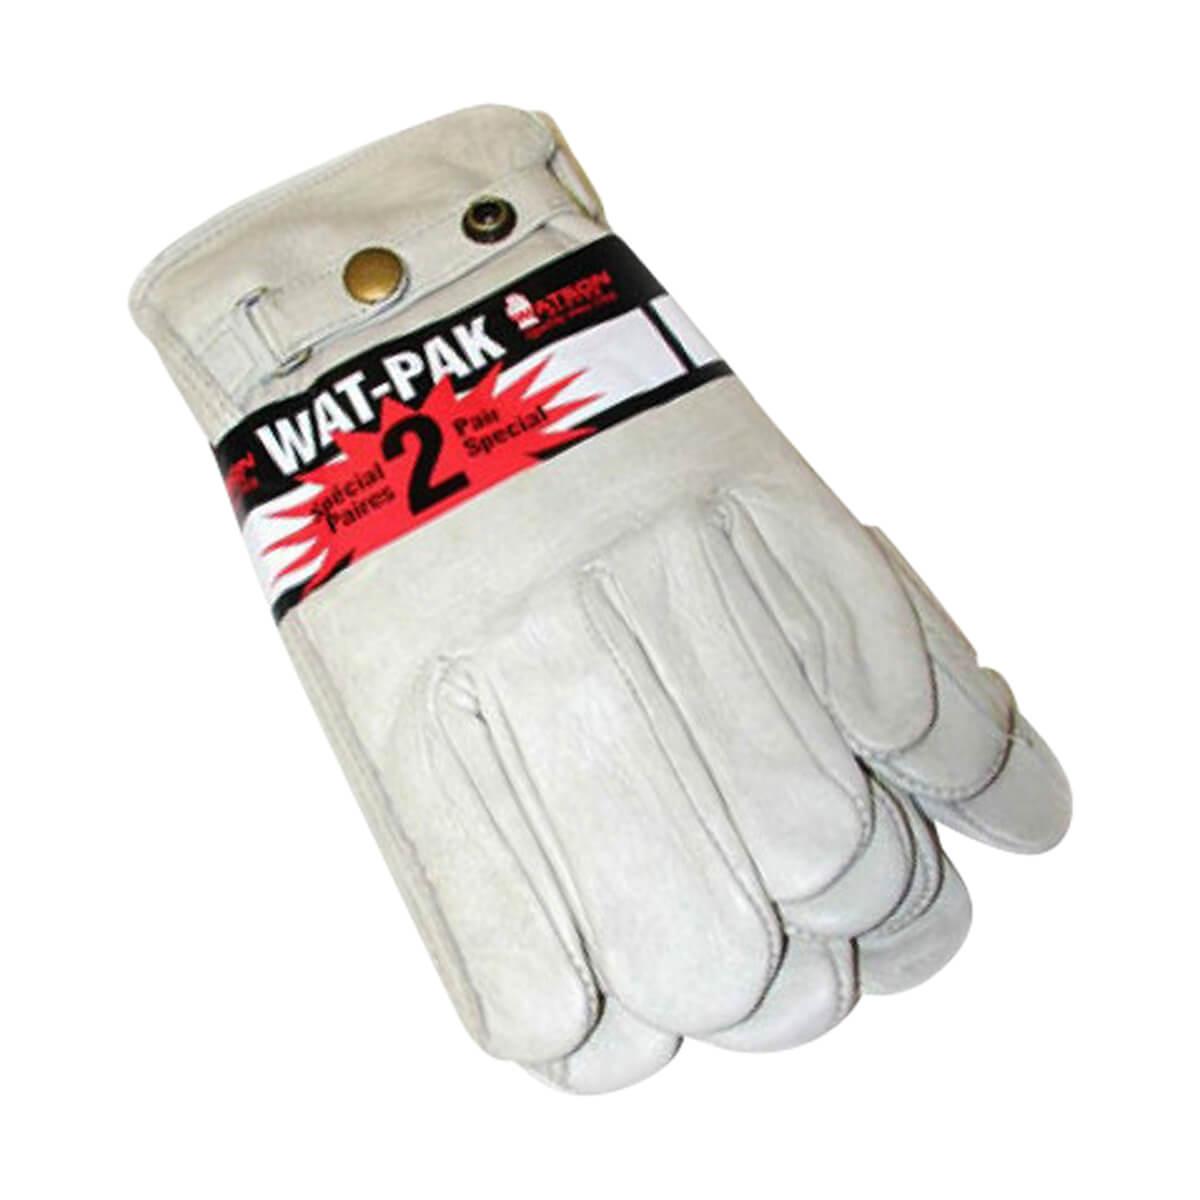 Wat Pak Gloves - 2 pack